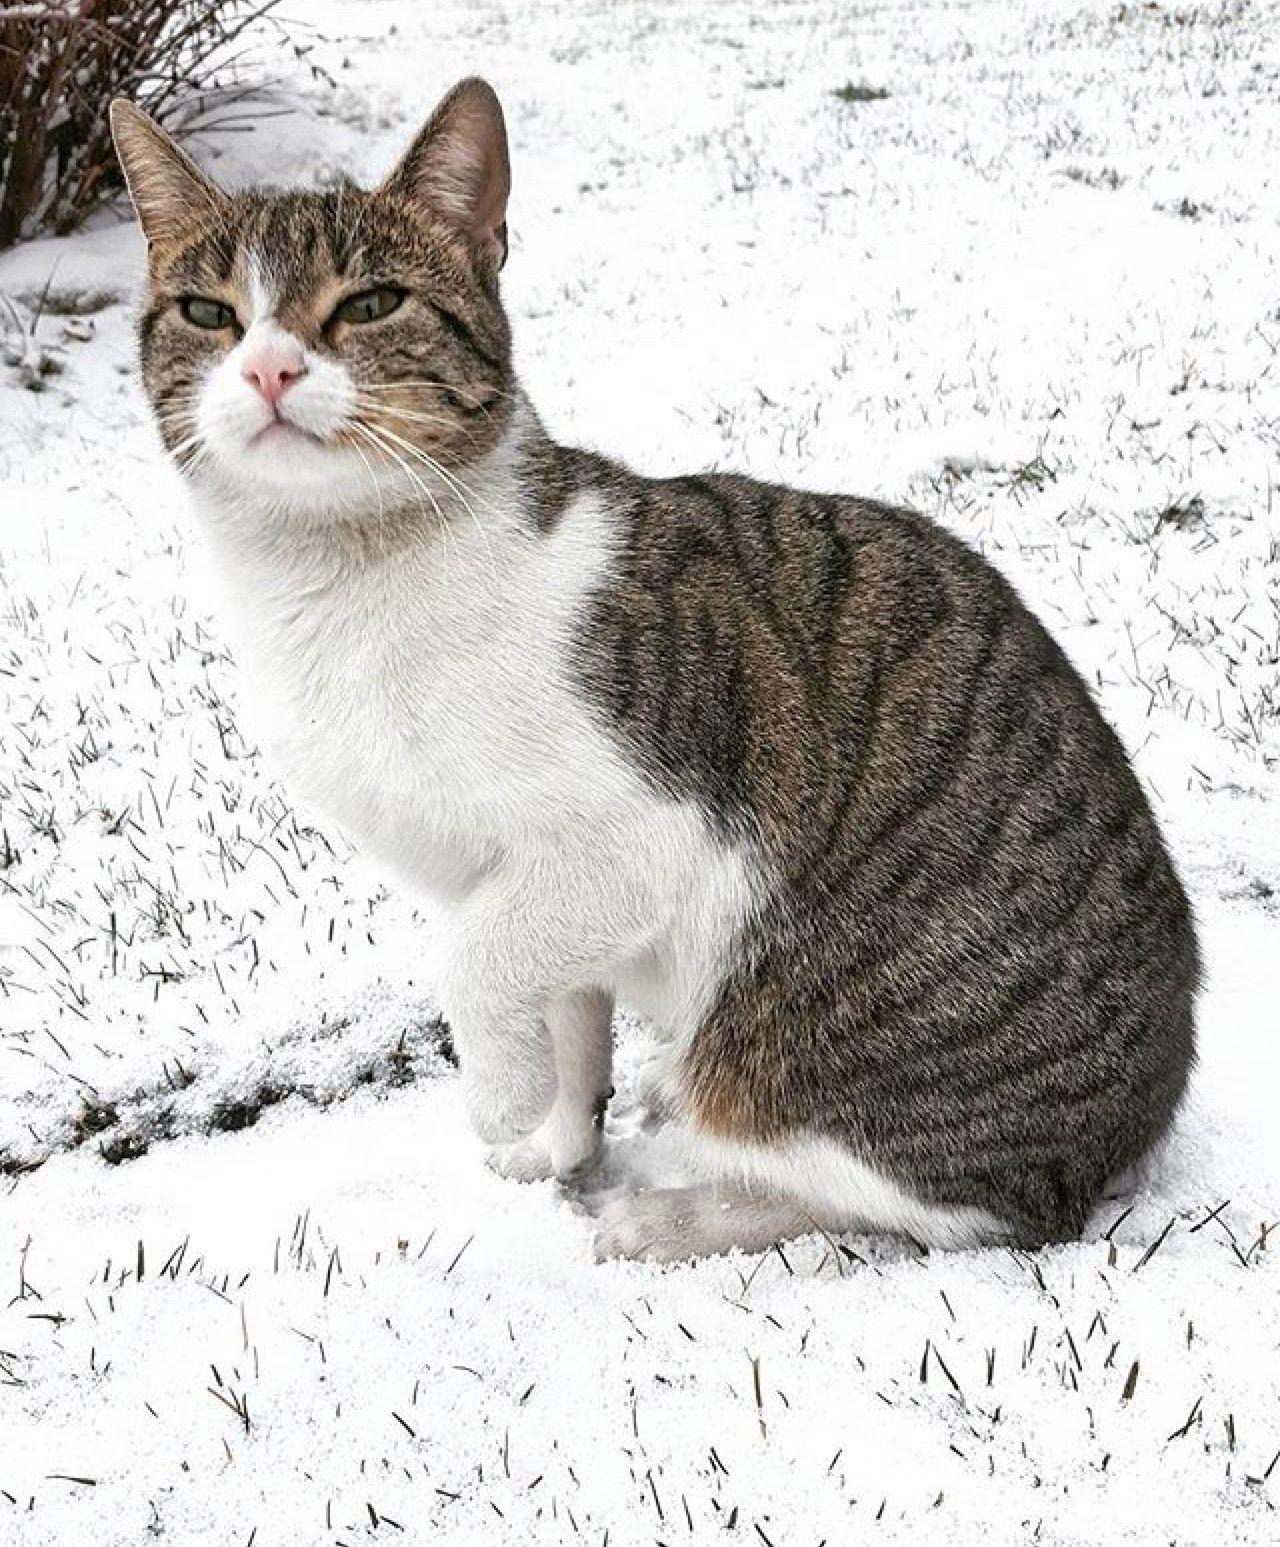 neve-foto-gatto-alberto concini